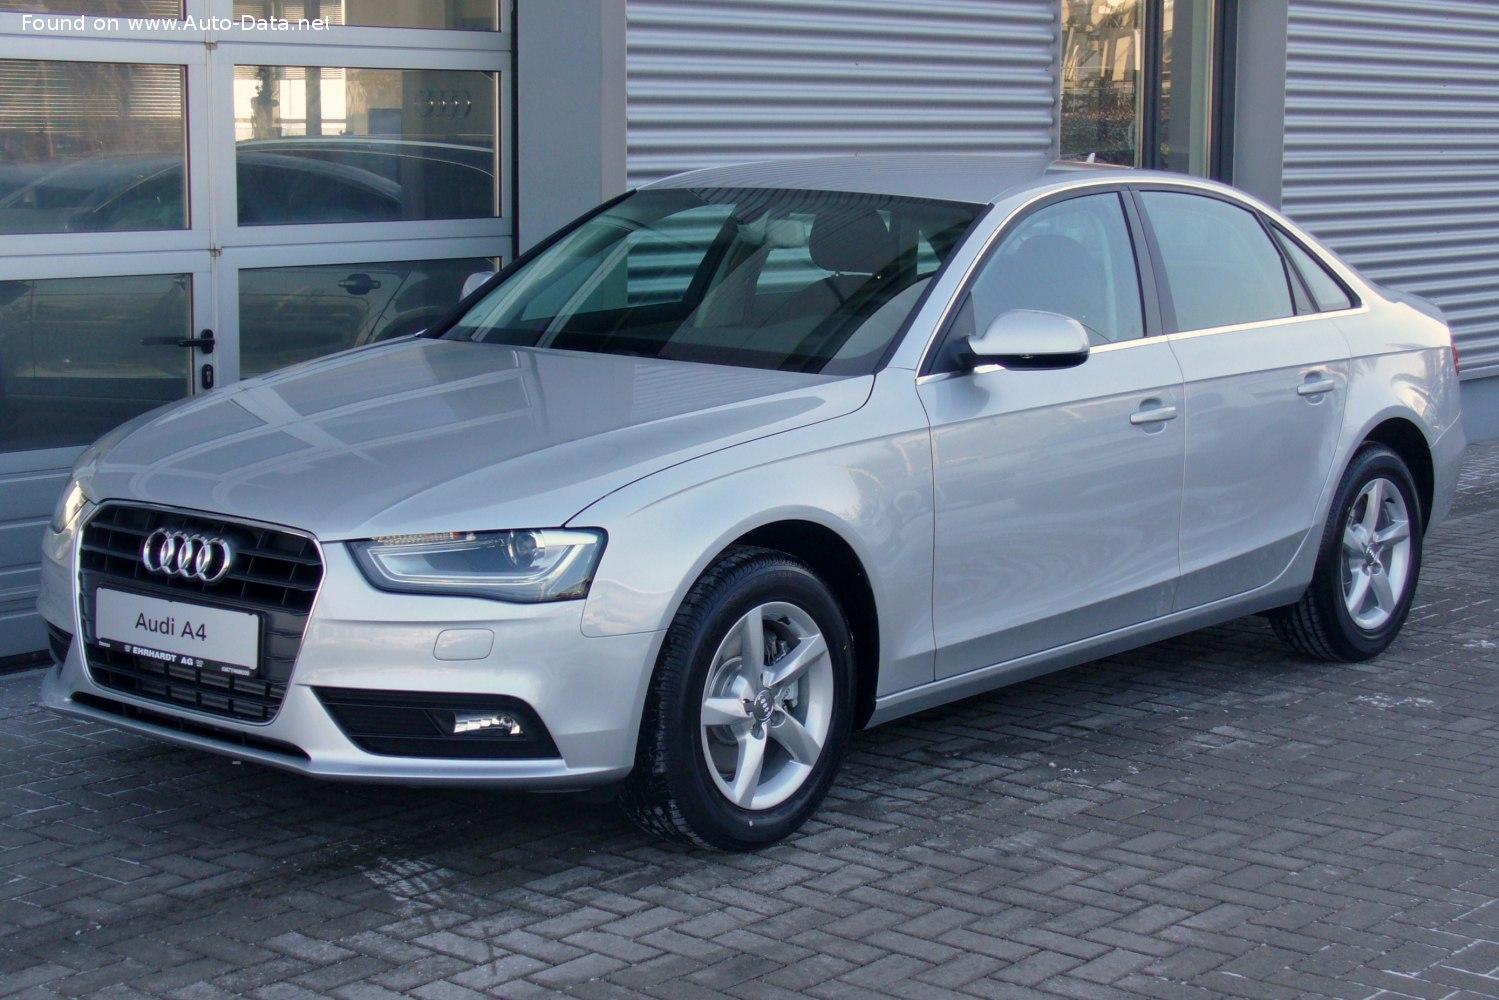 2011 Audi A4 (B8 8K, facelift 2011) 1.8 TFSI (170 CV ...